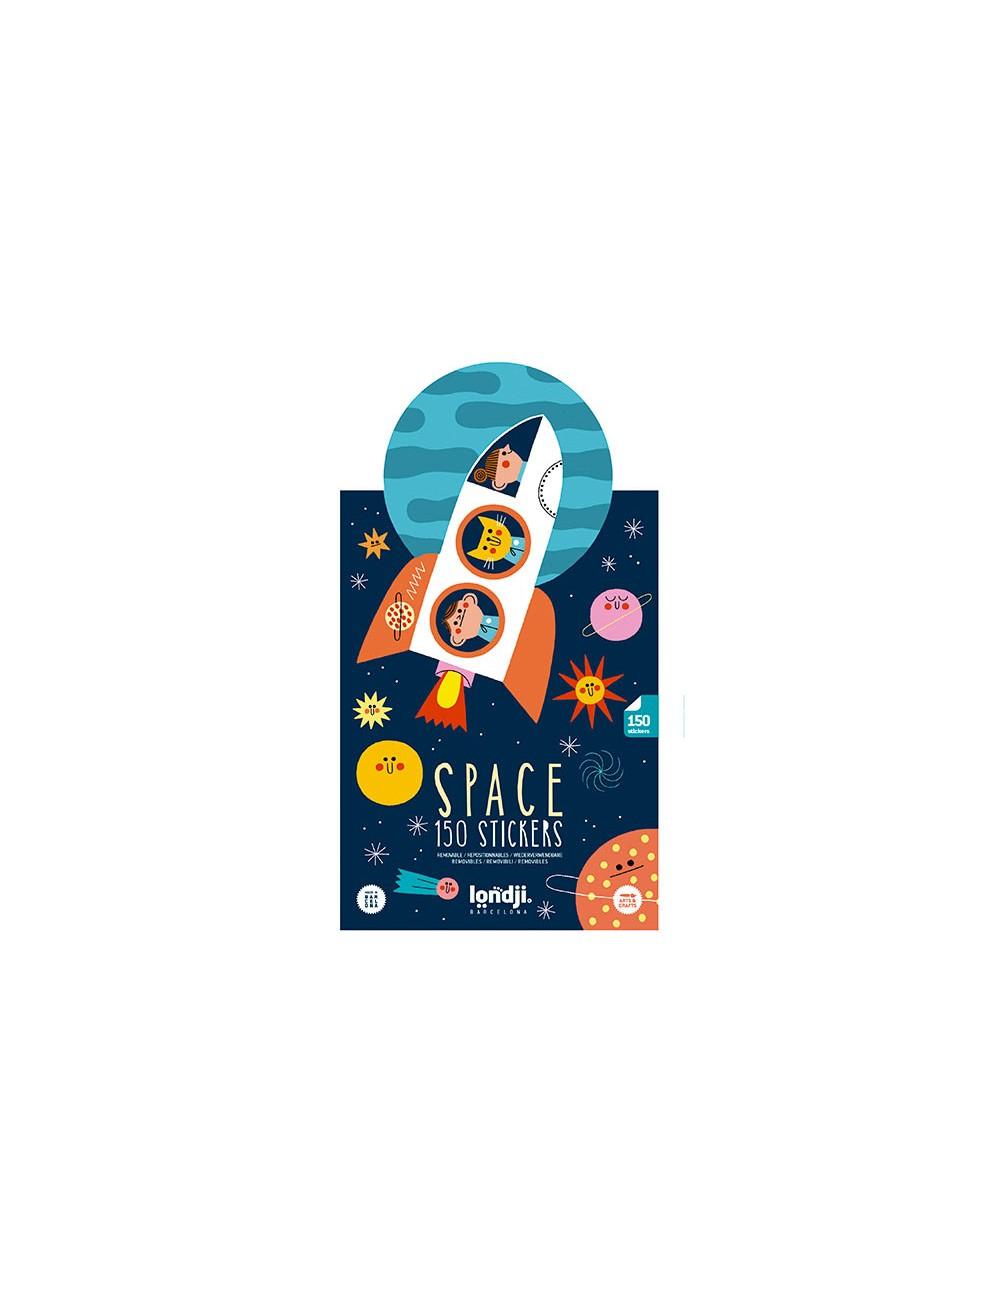 Stickers Space de Londji